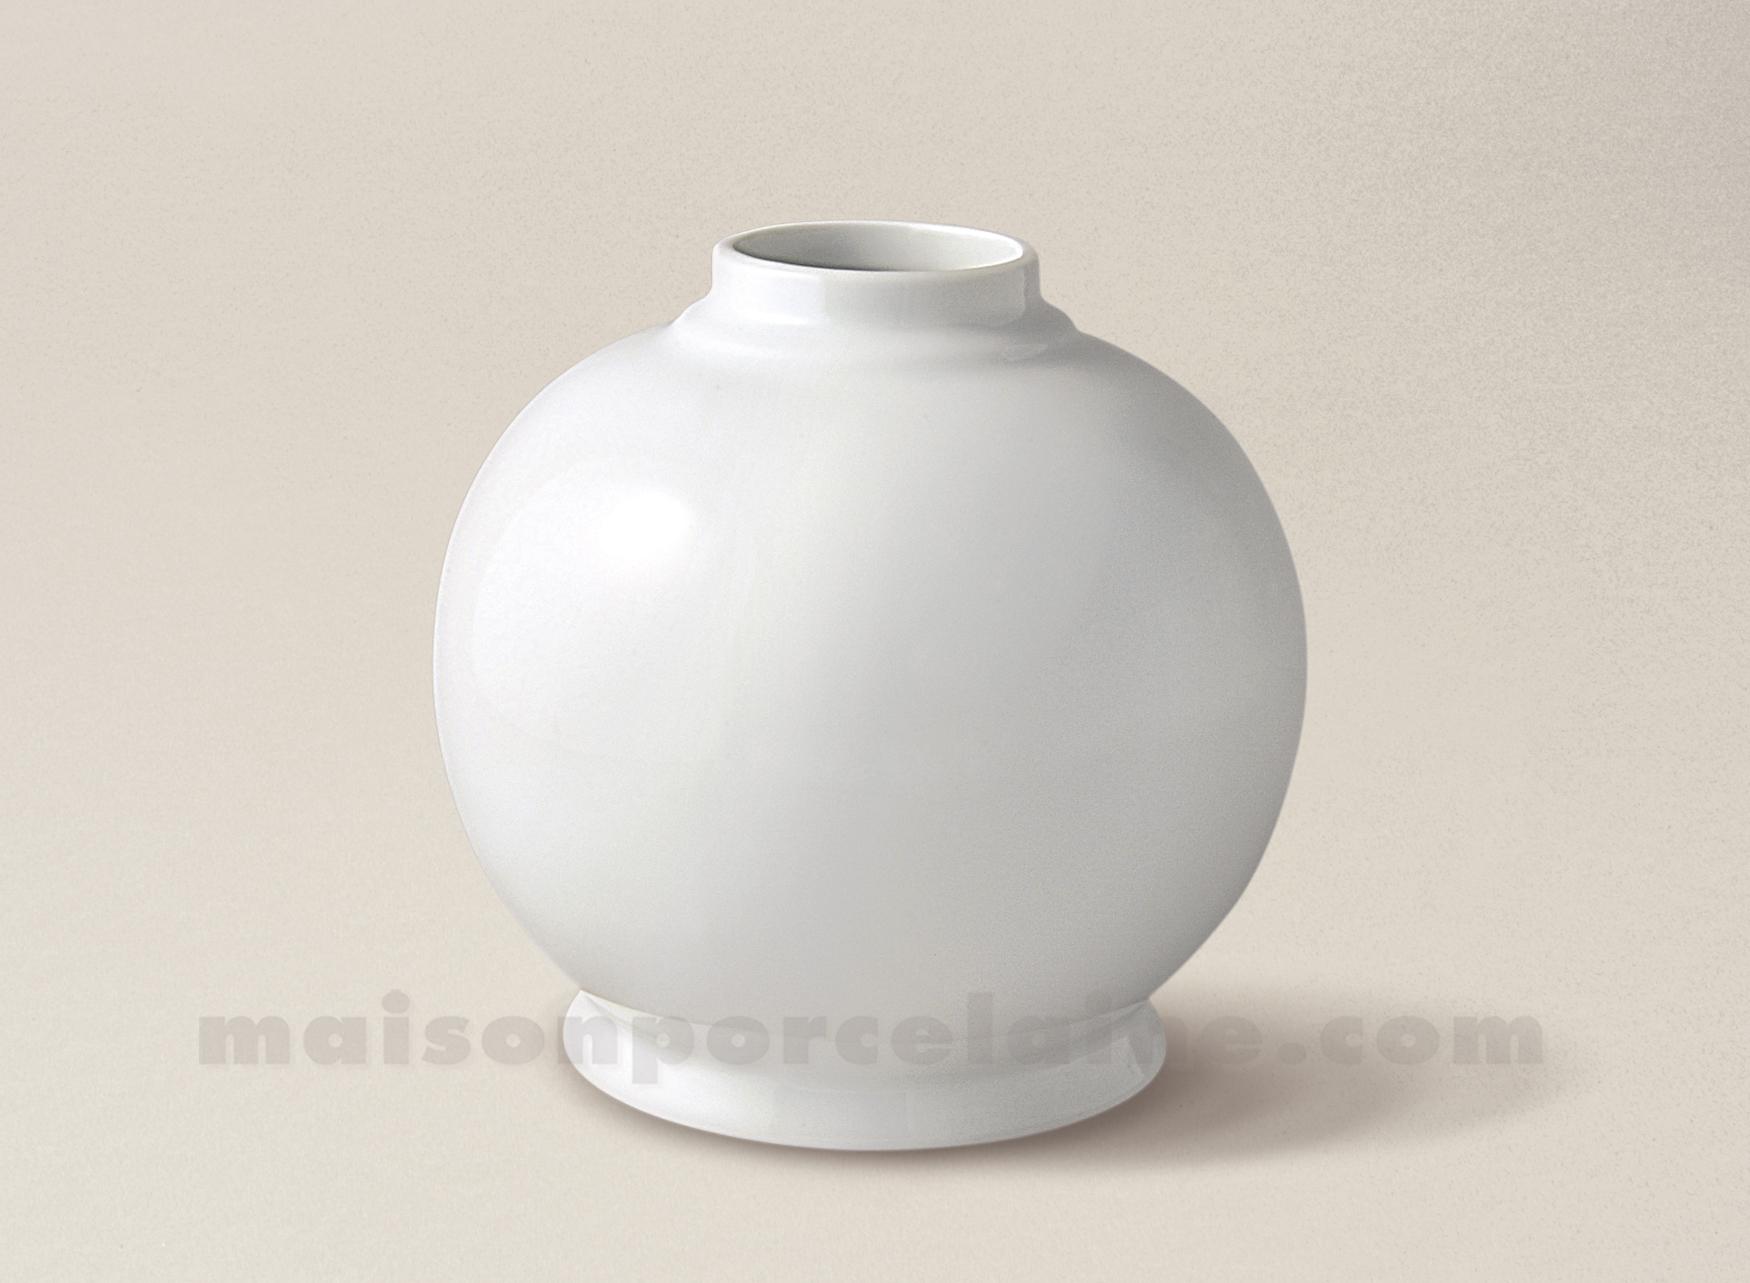 boule pied de lampe petrole limoges porcelaine blanche 15x15 maison de la porcelaine. Black Bedroom Furniture Sets. Home Design Ideas